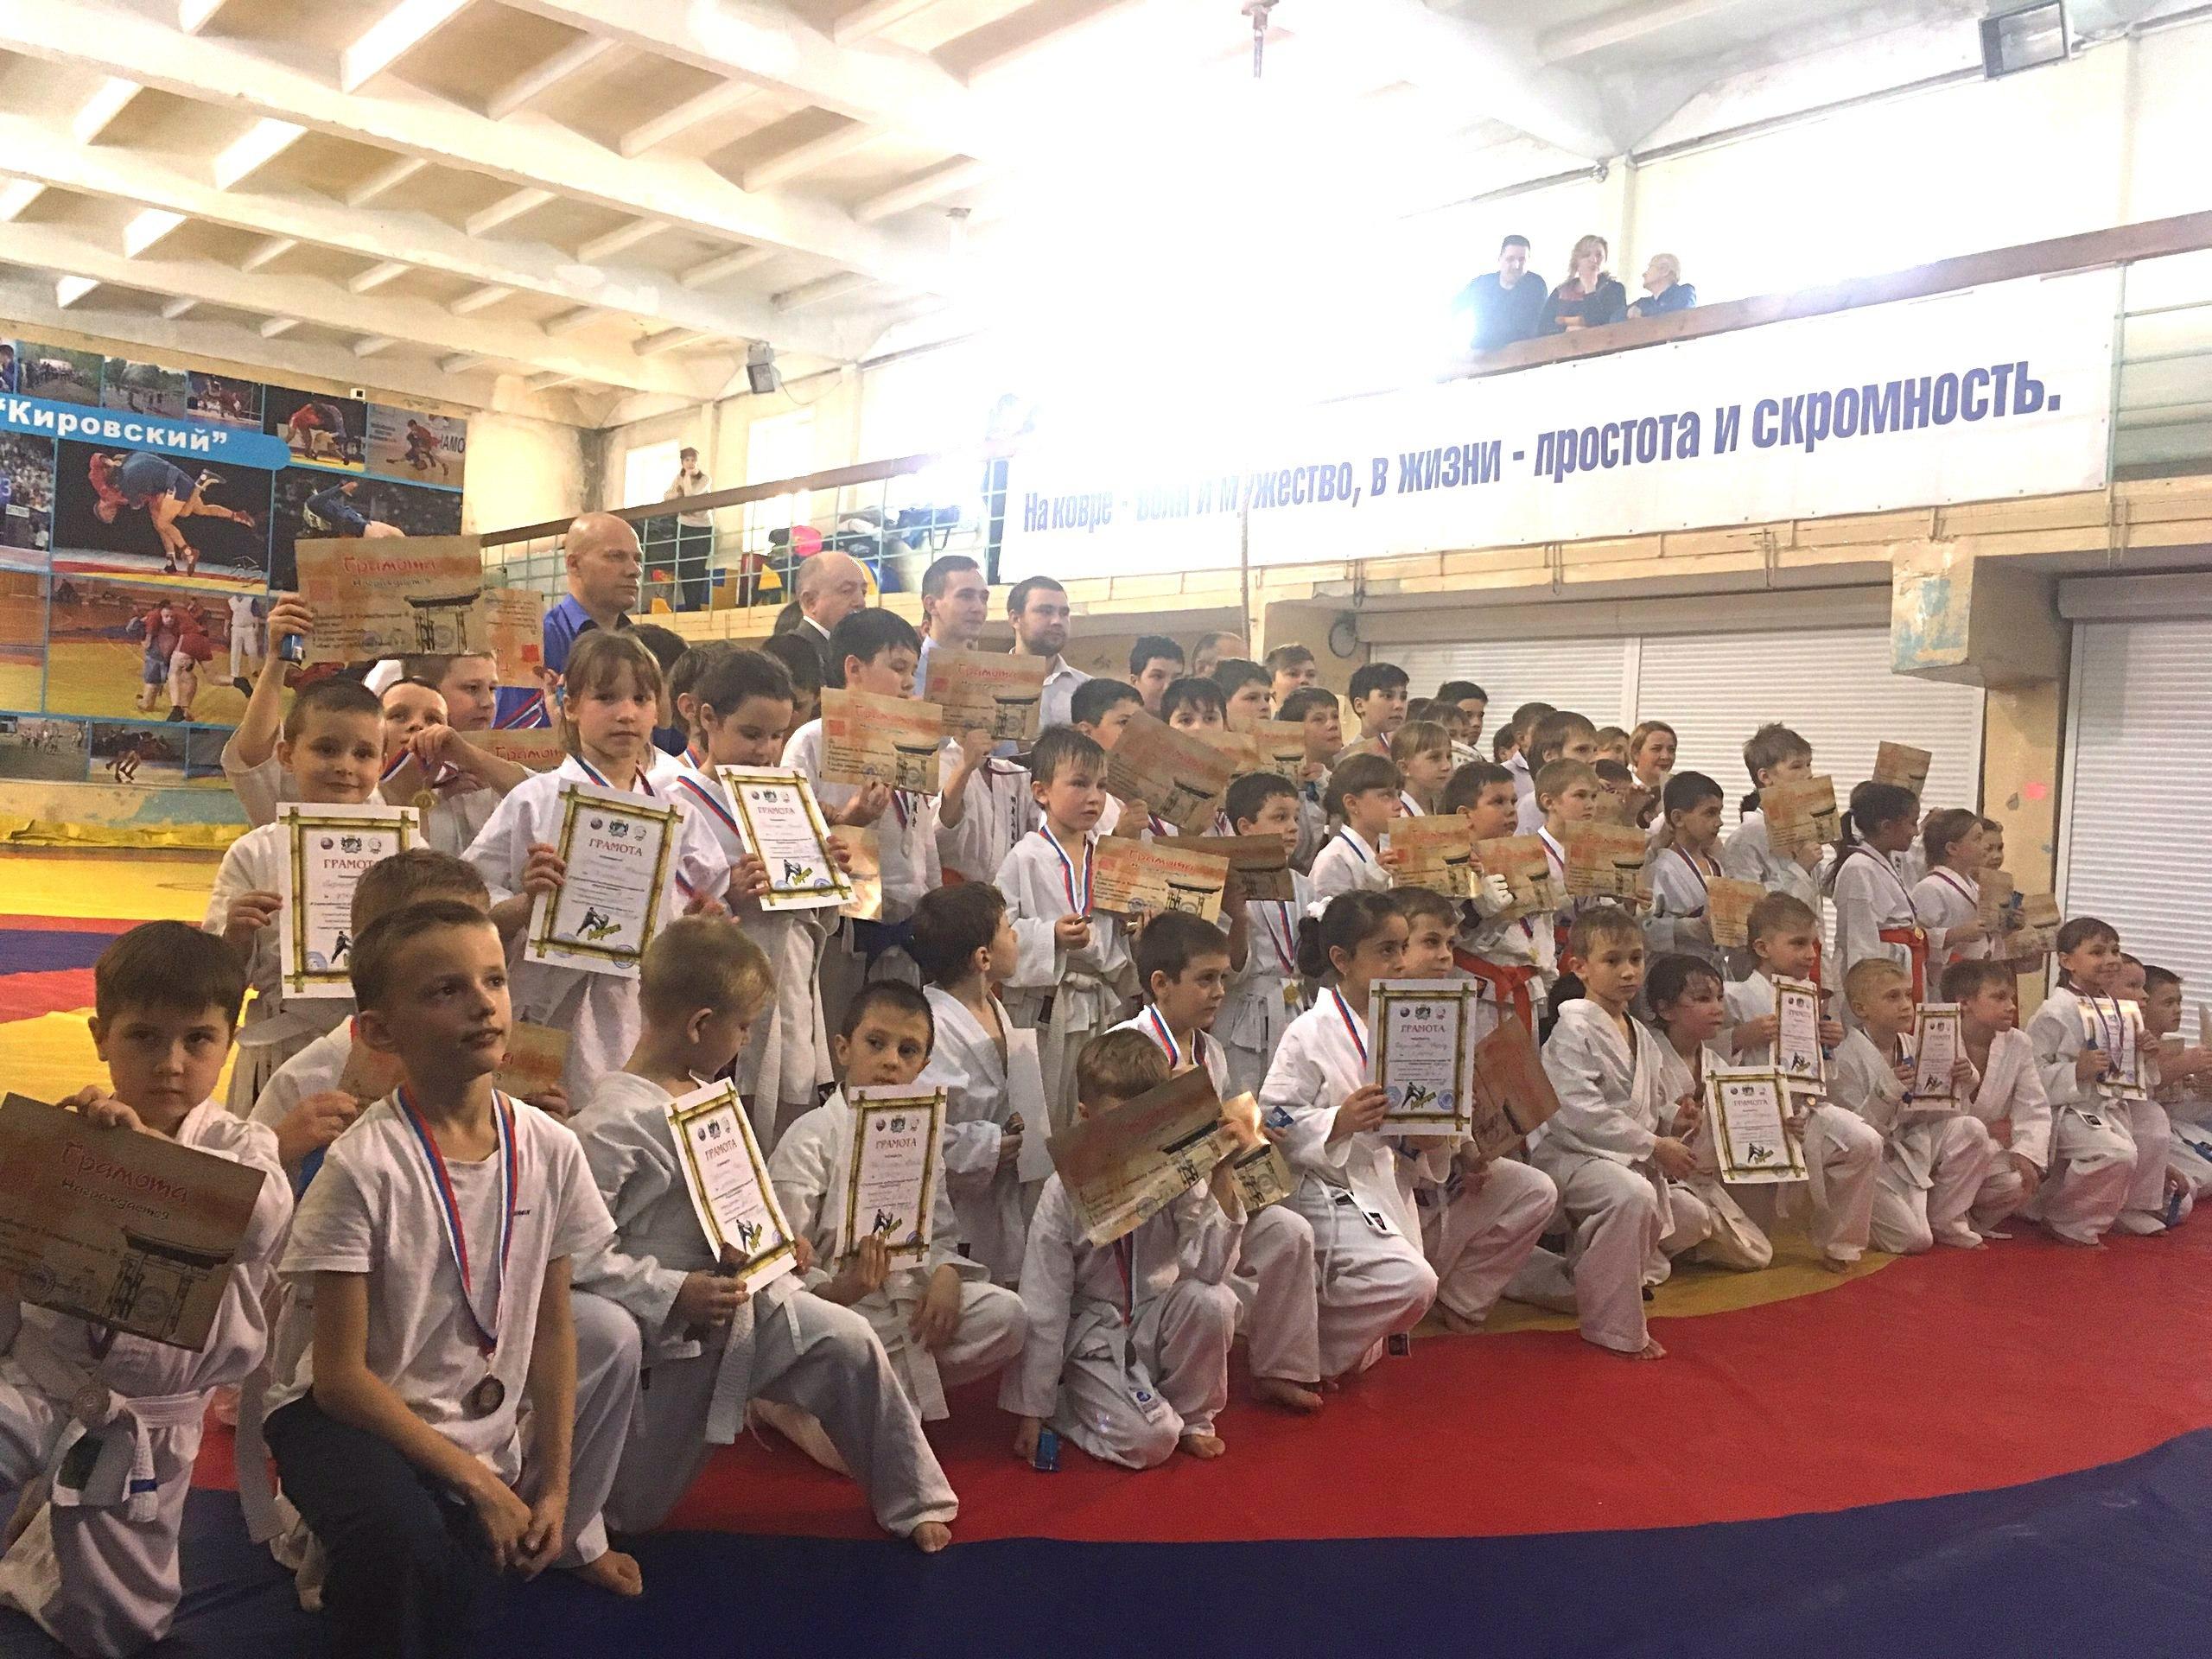 Прошел турнир «Первый шаг» организованный Новосибирской Федерации Всестилевого (раздел